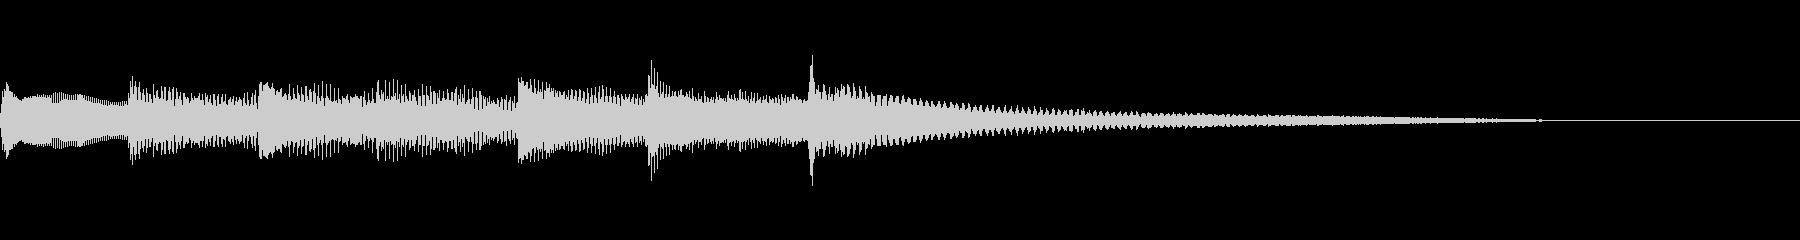 【生演奏】優しい雰囲気のピアノジングルの未再生の波形